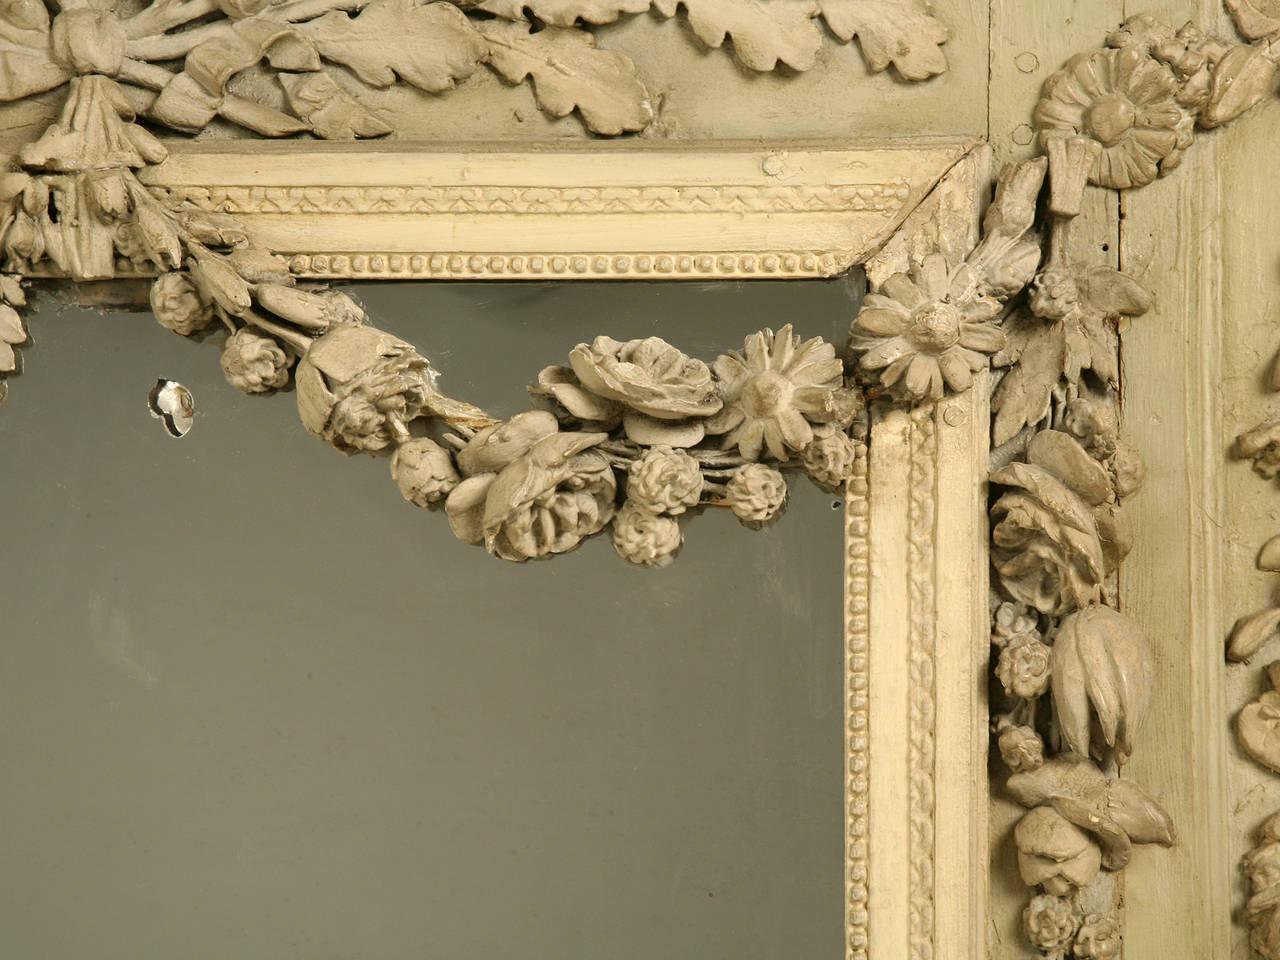 relief mirror ile ilgili görsel sonucu